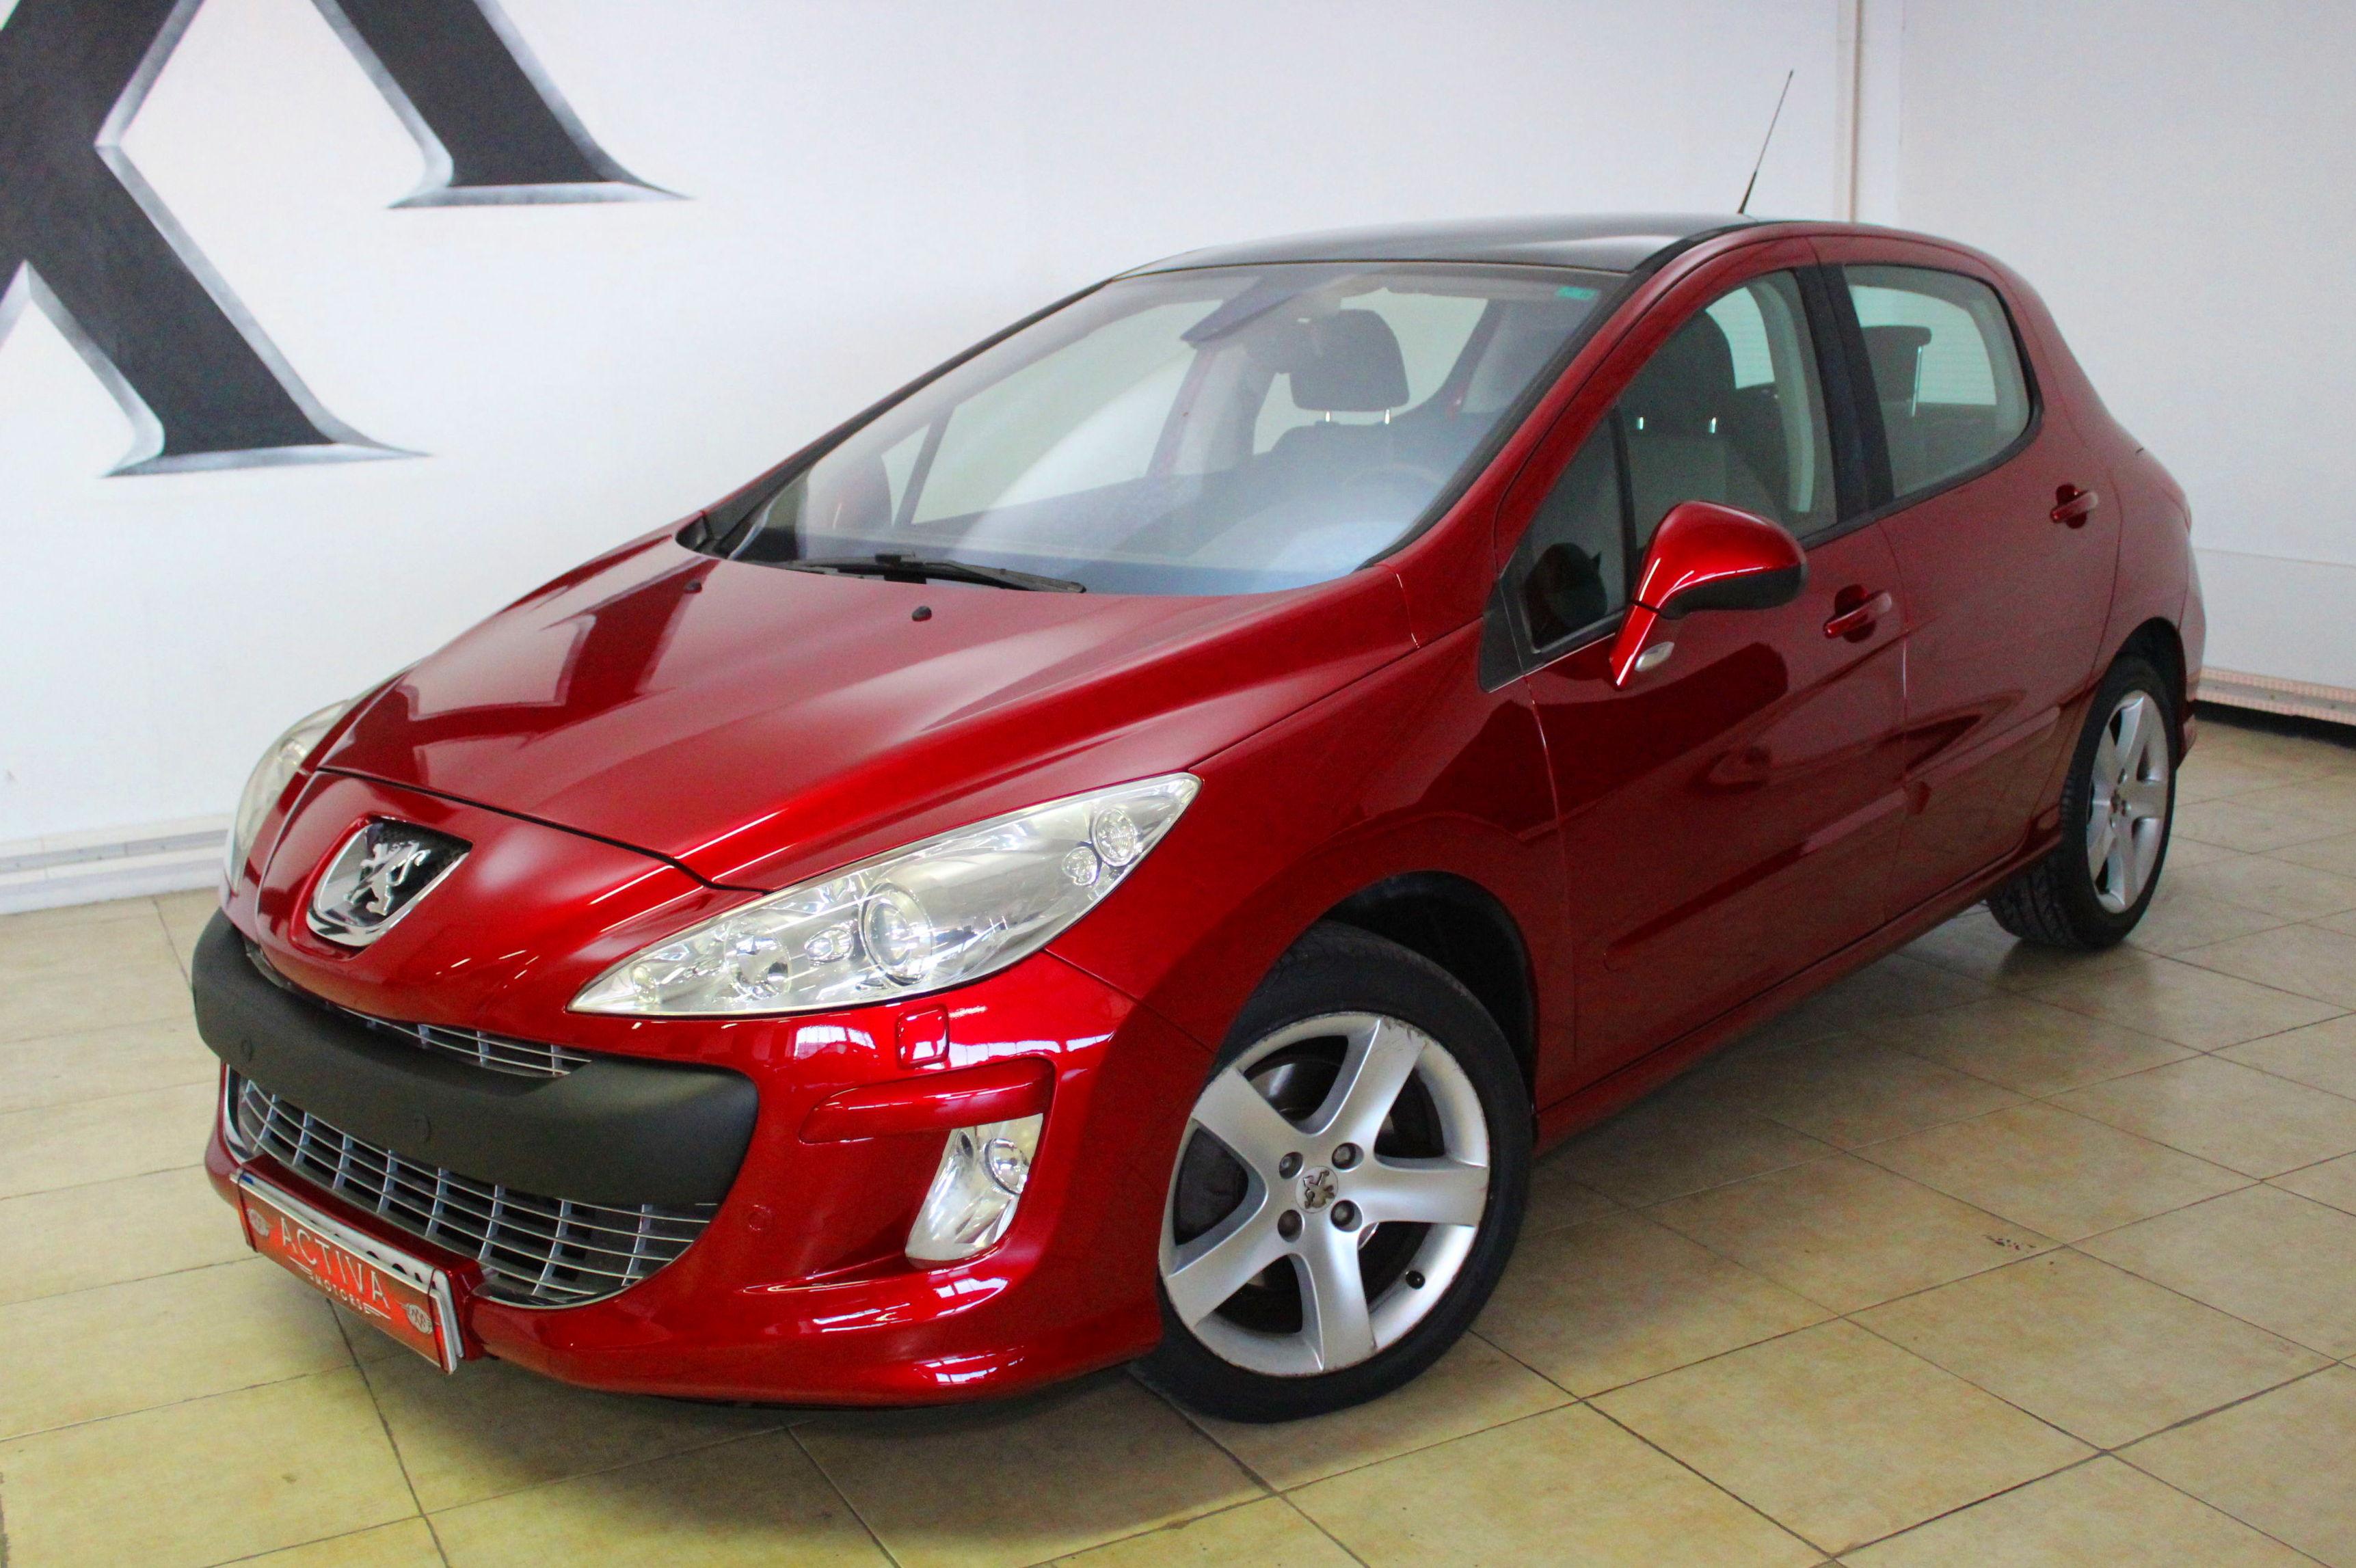 Peugeot 308 2.0HDI Premium Automatic: Nuestros Vehículos de Activa Motors